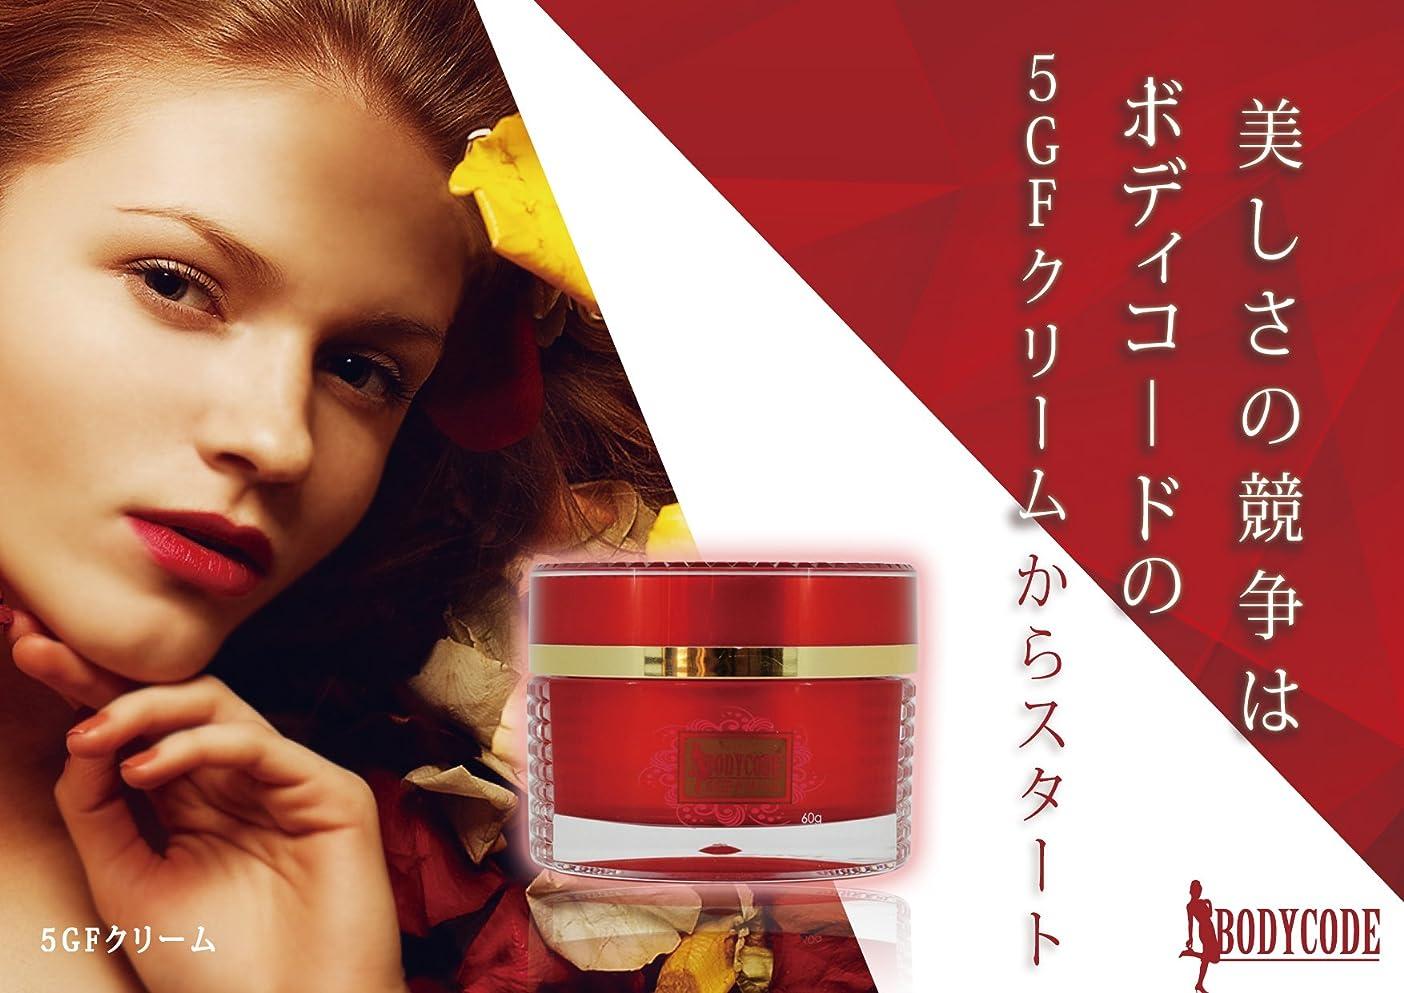 呼び起こす外側強います◎日本製◎モンドセレクション金賞受賞 5GFクリーム 60g